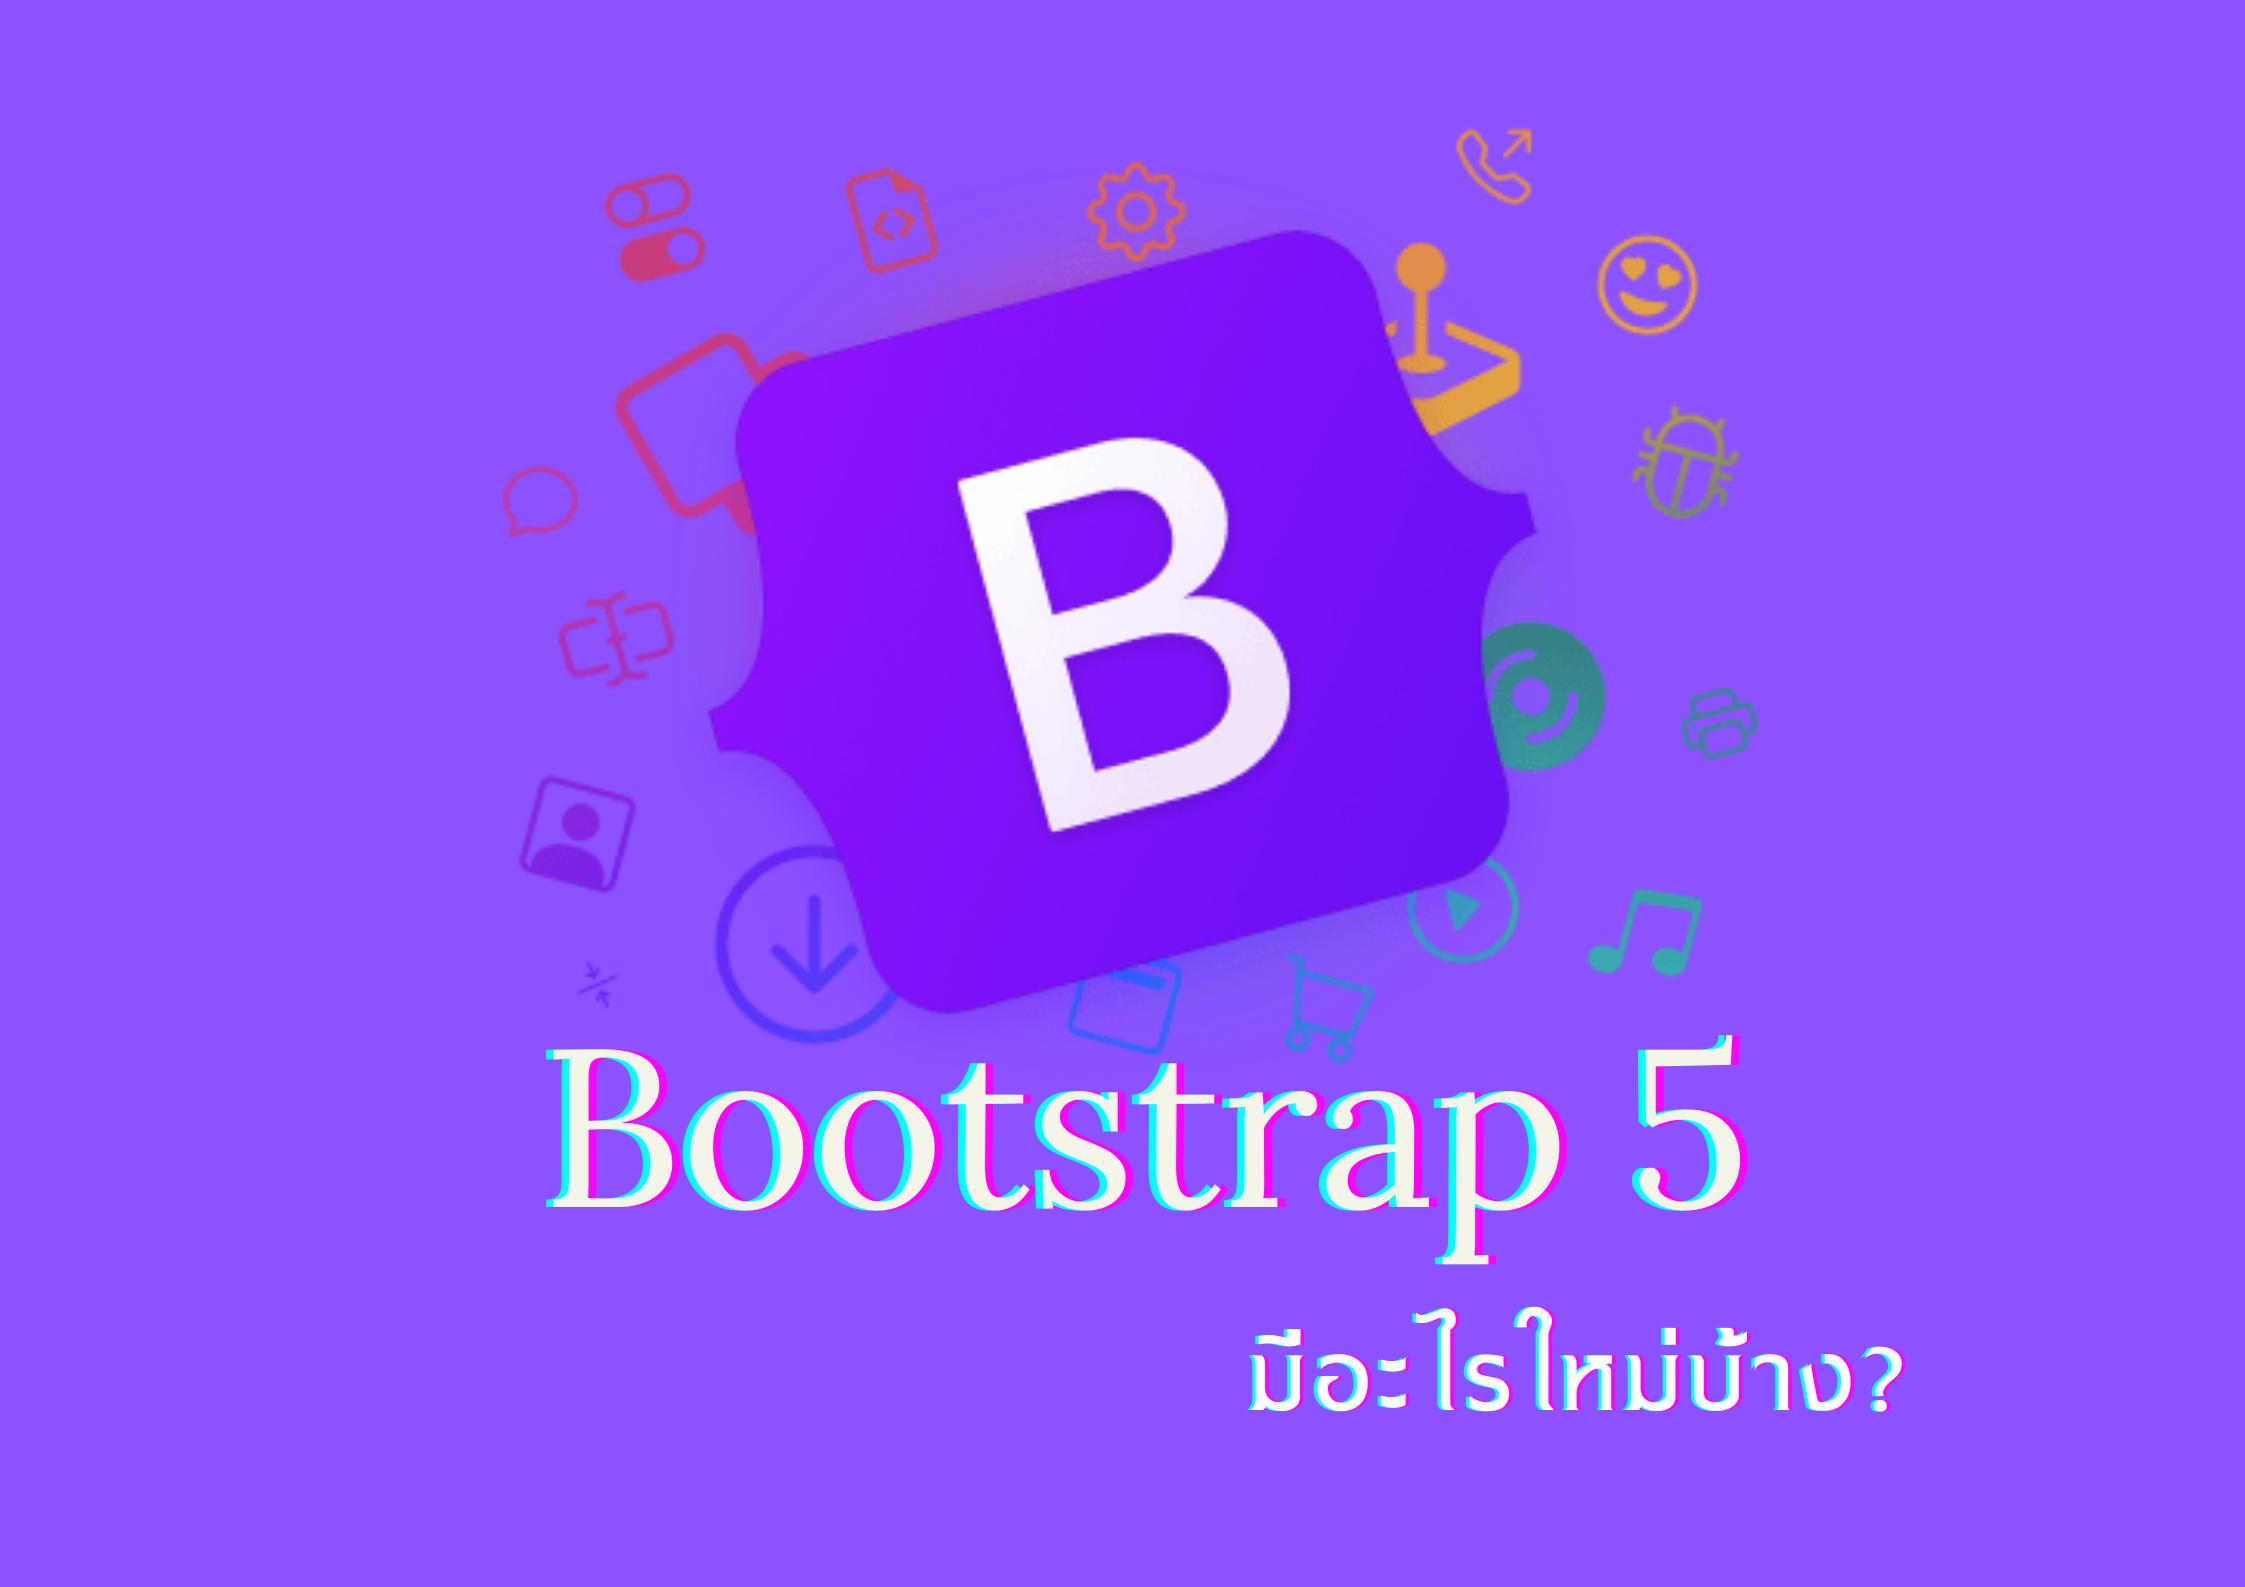 Bootstrap-5-มีอะไรใหม่บ้าง